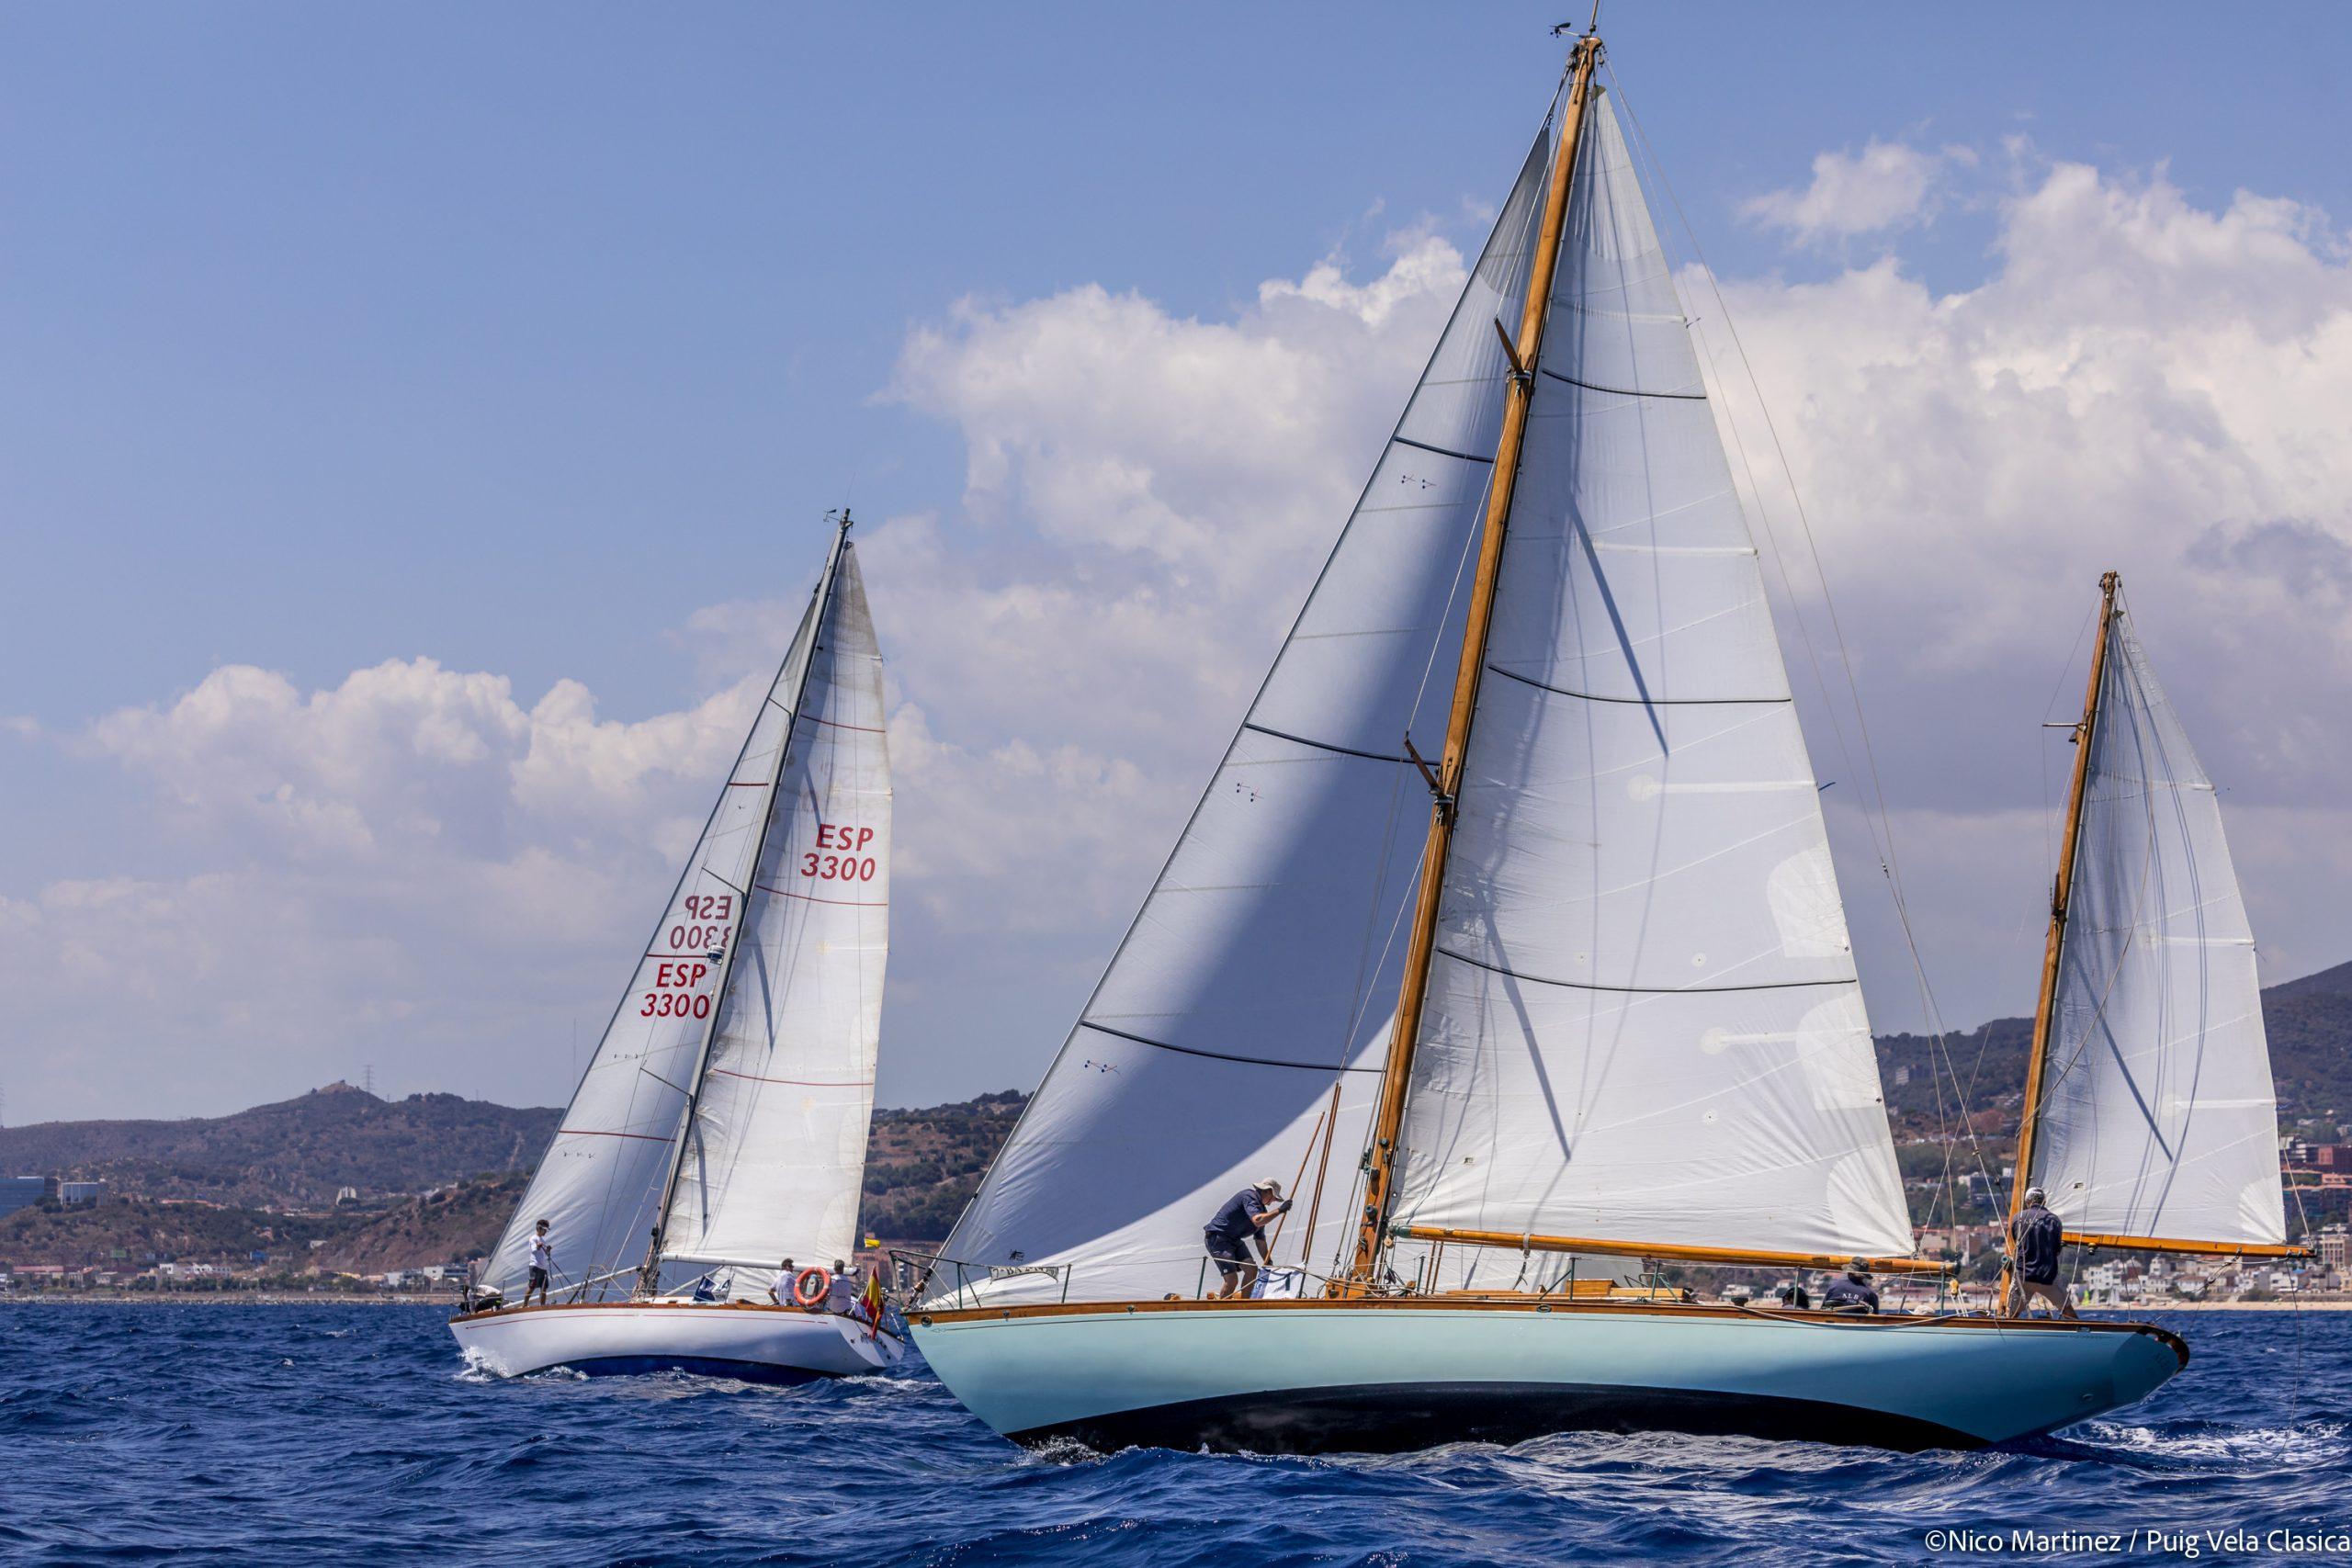 primera jornada de la regata Puig Vela Clàssica